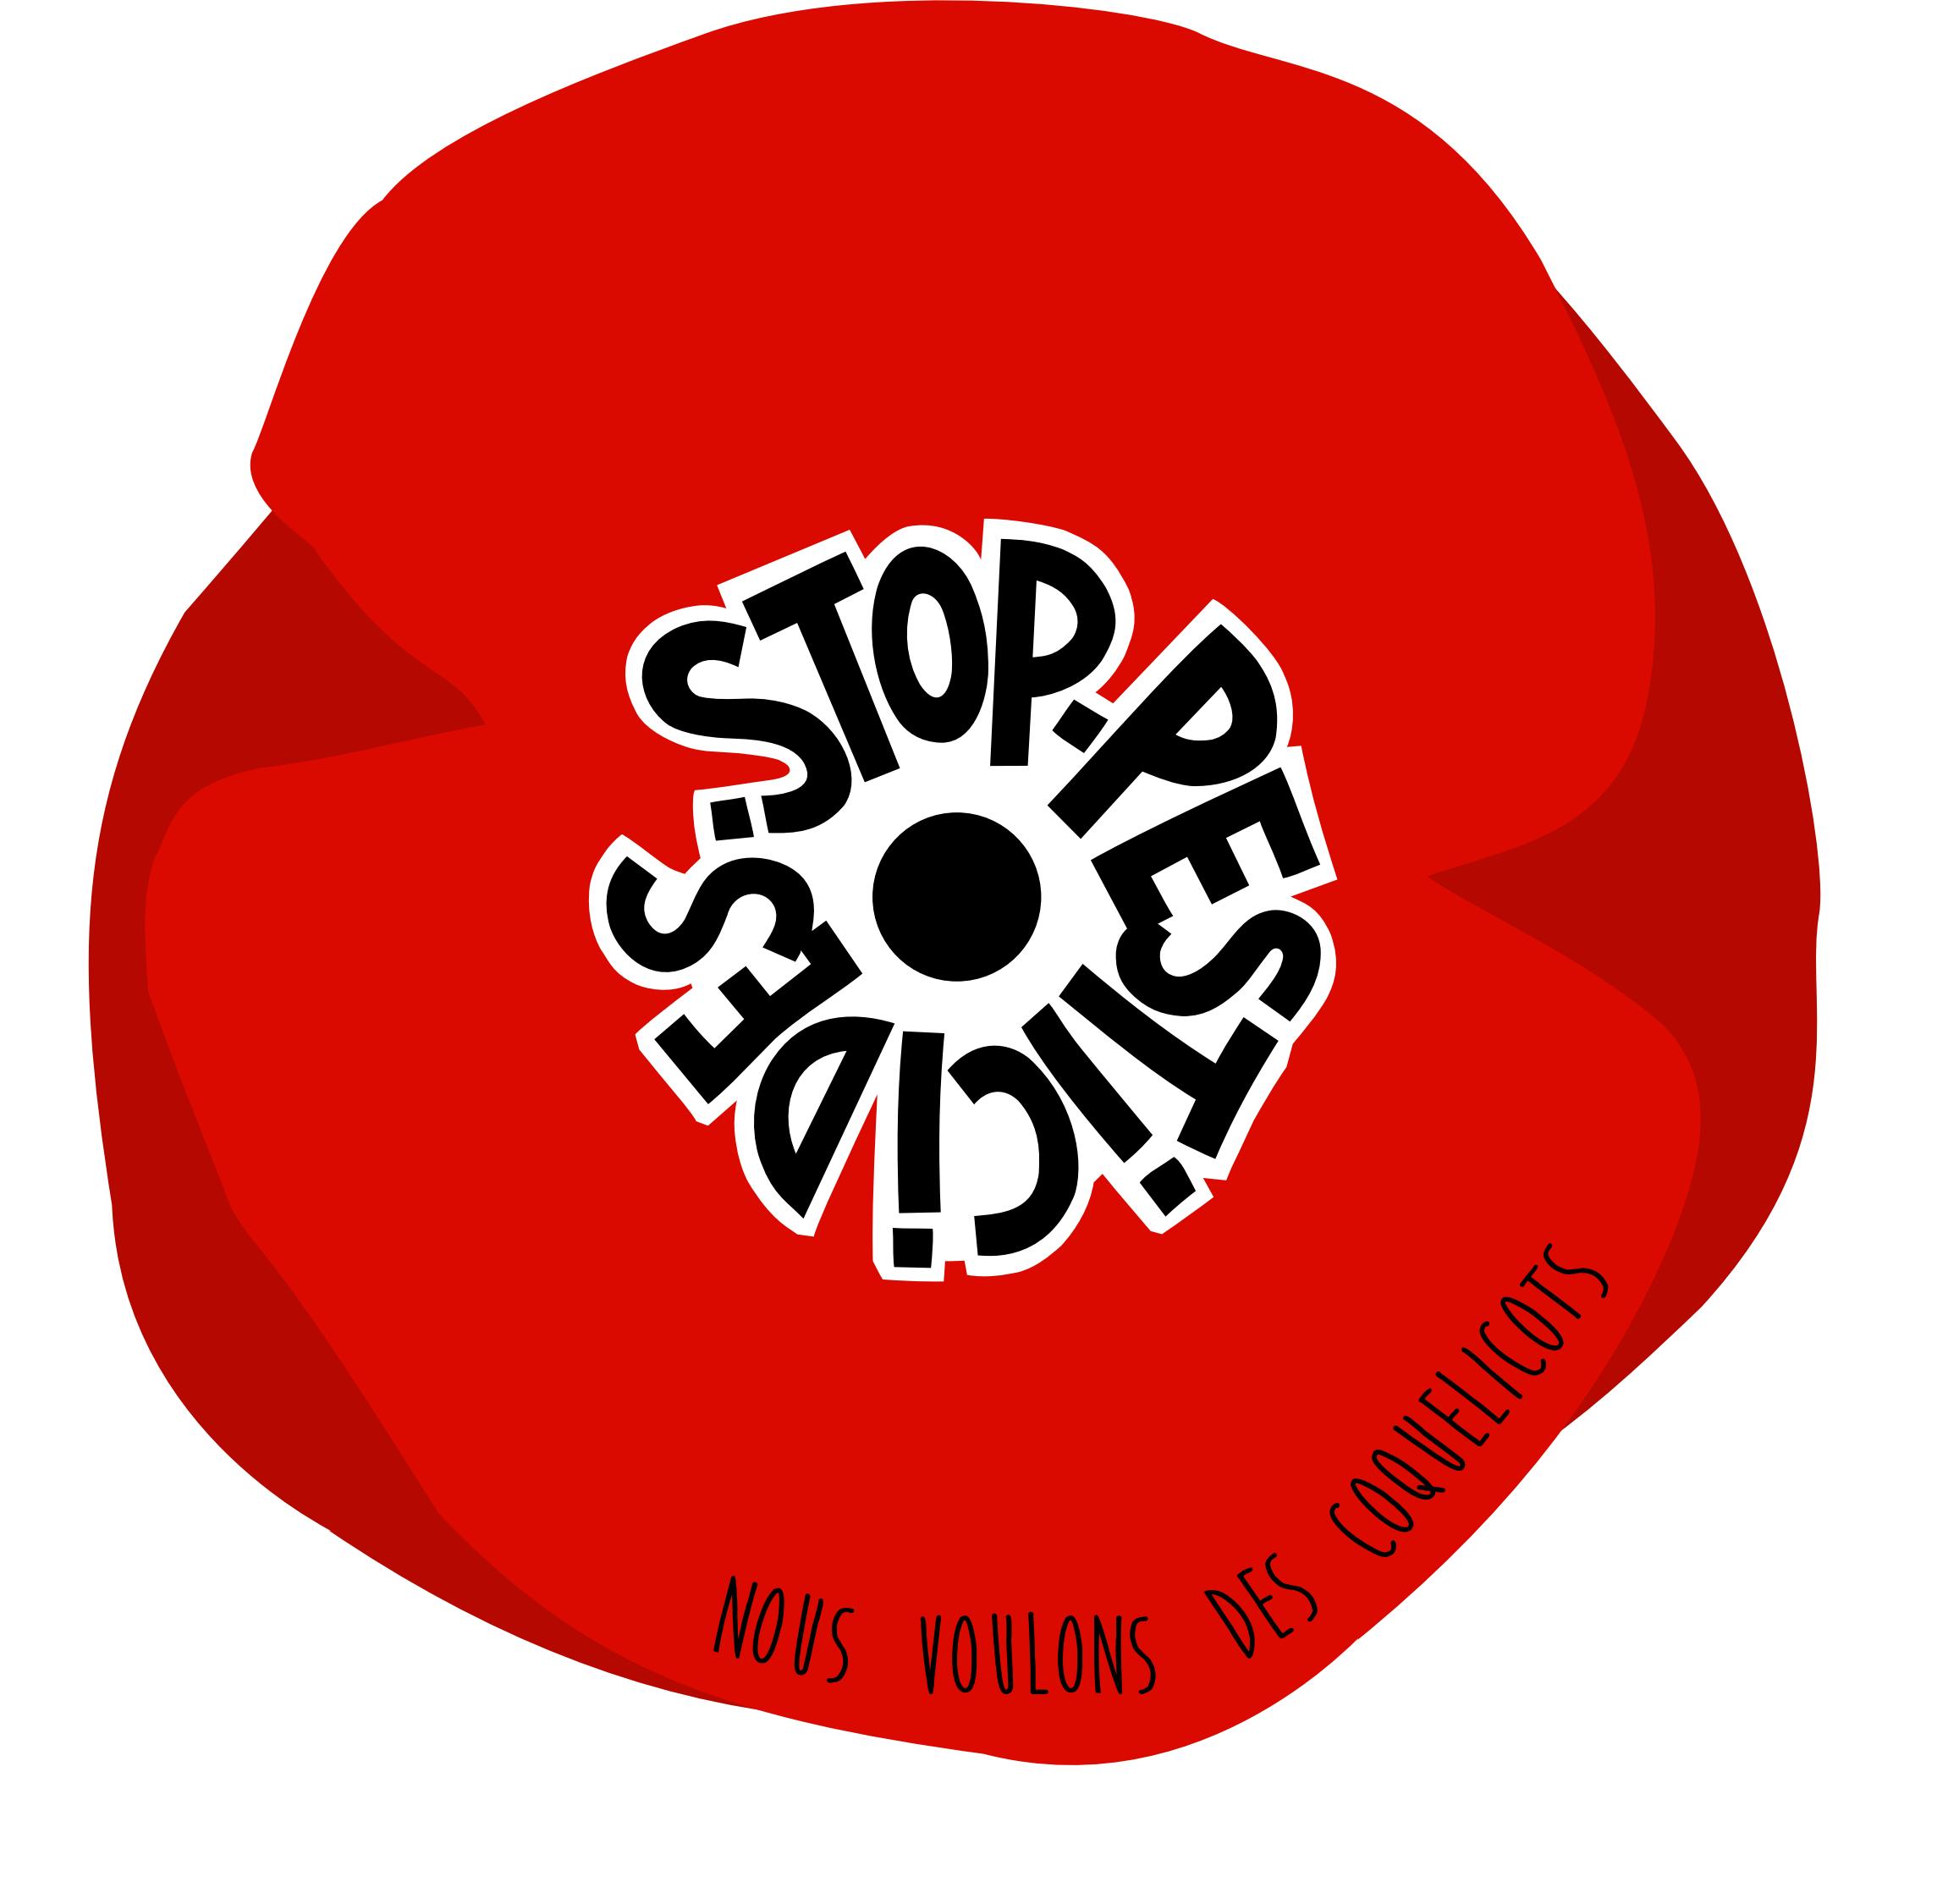 Rejoignez l'Appel des 100 - Nous voulons des coquelicots ! [12/09/18]